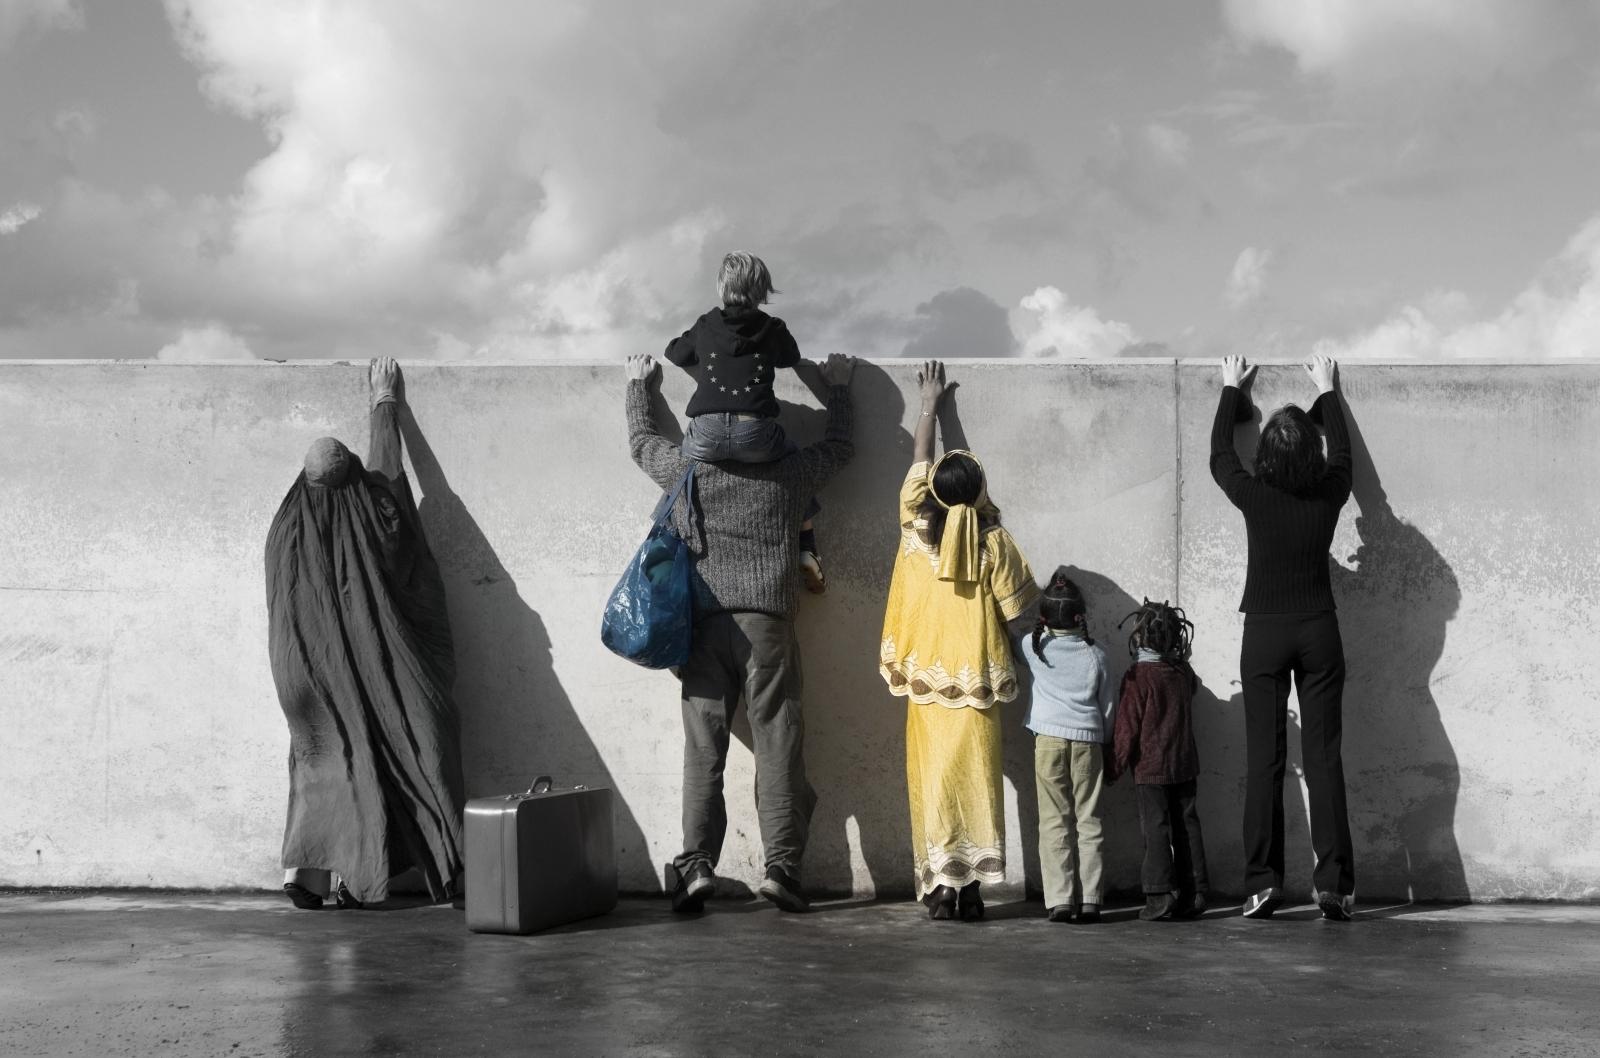 کدام کشورها بیشترین مهاجرپذیری را دارند؟